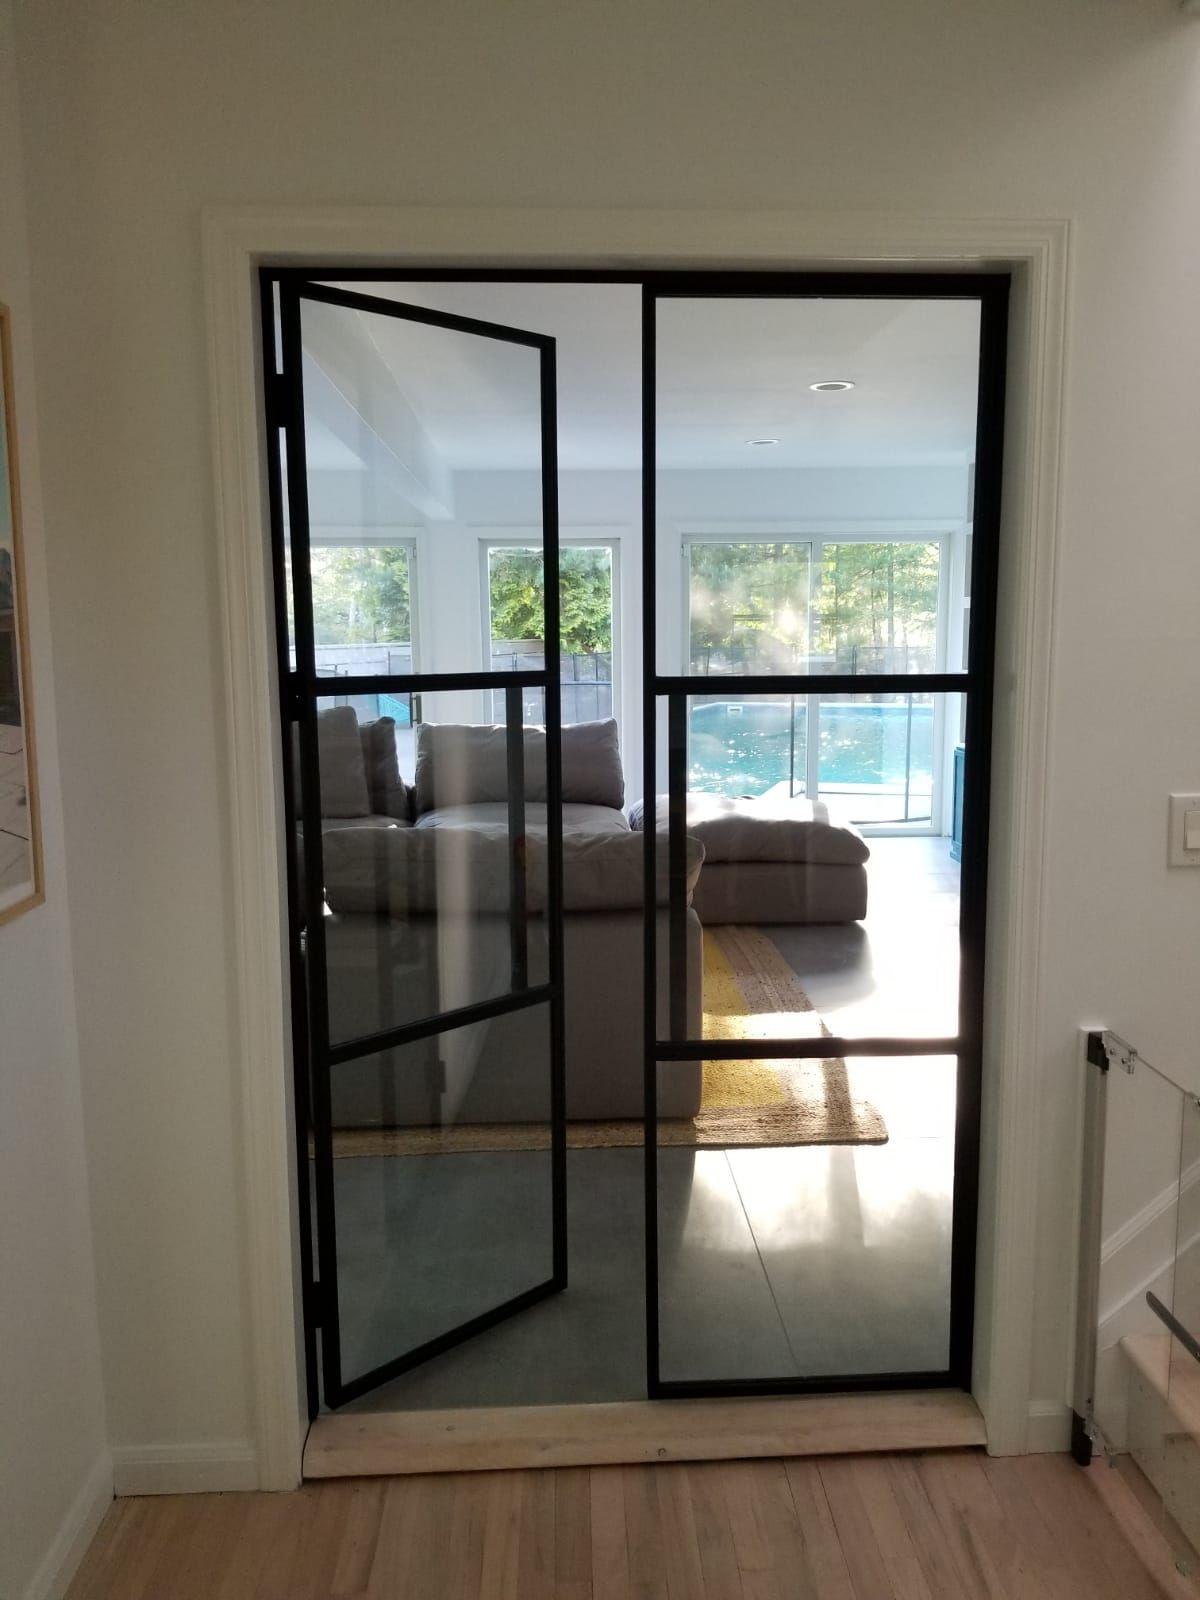 Bespoke French Doors Internal Glass Doors Glass Doors Interior Crittal Doors